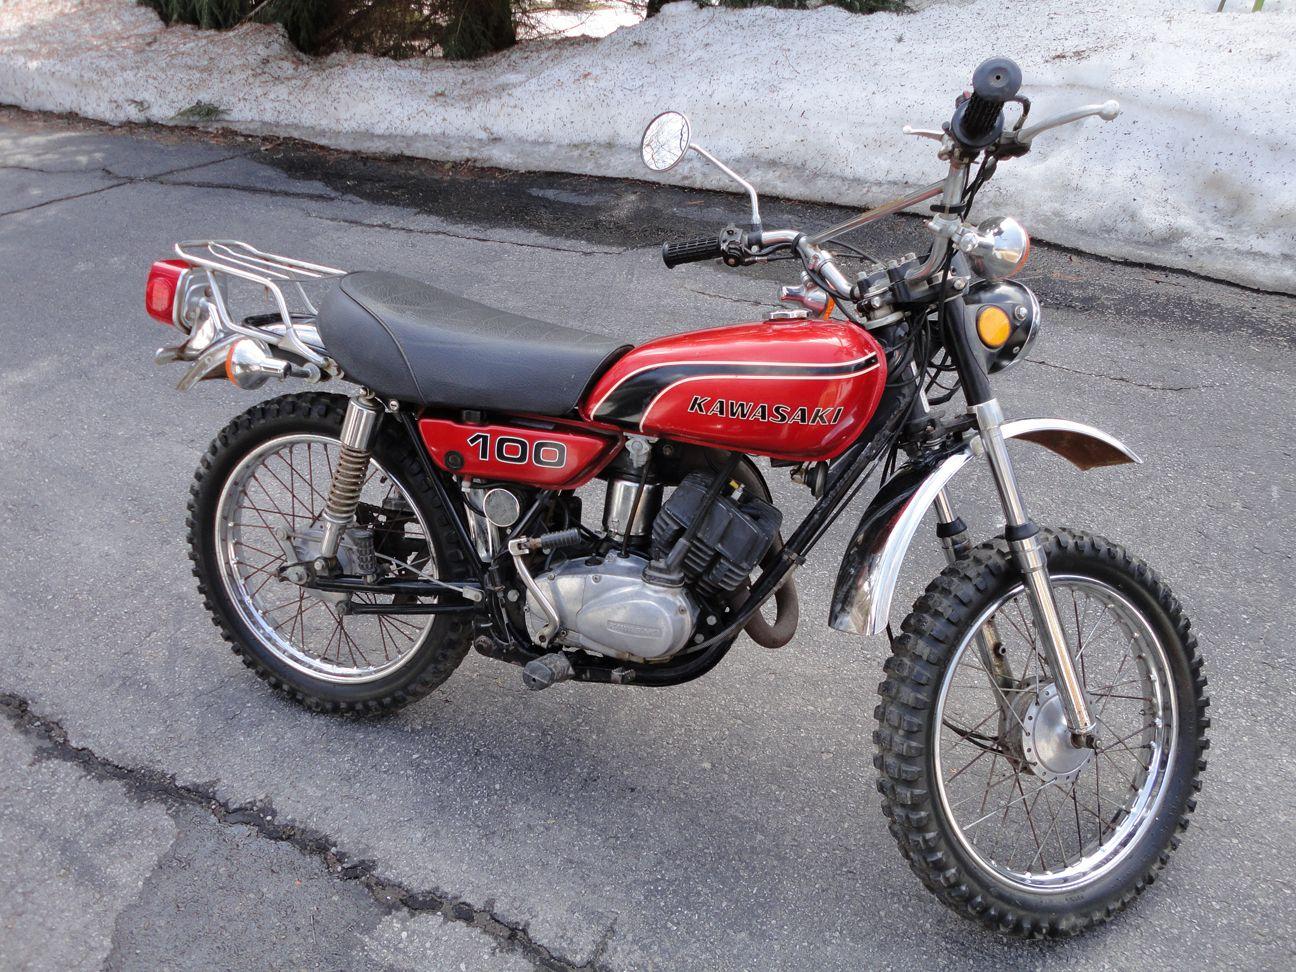 Pin By Grant Mackay On Vintage Japanese Dual Sport Motorcycles Kawasaki Kawasaki Bikes Classic Bikes